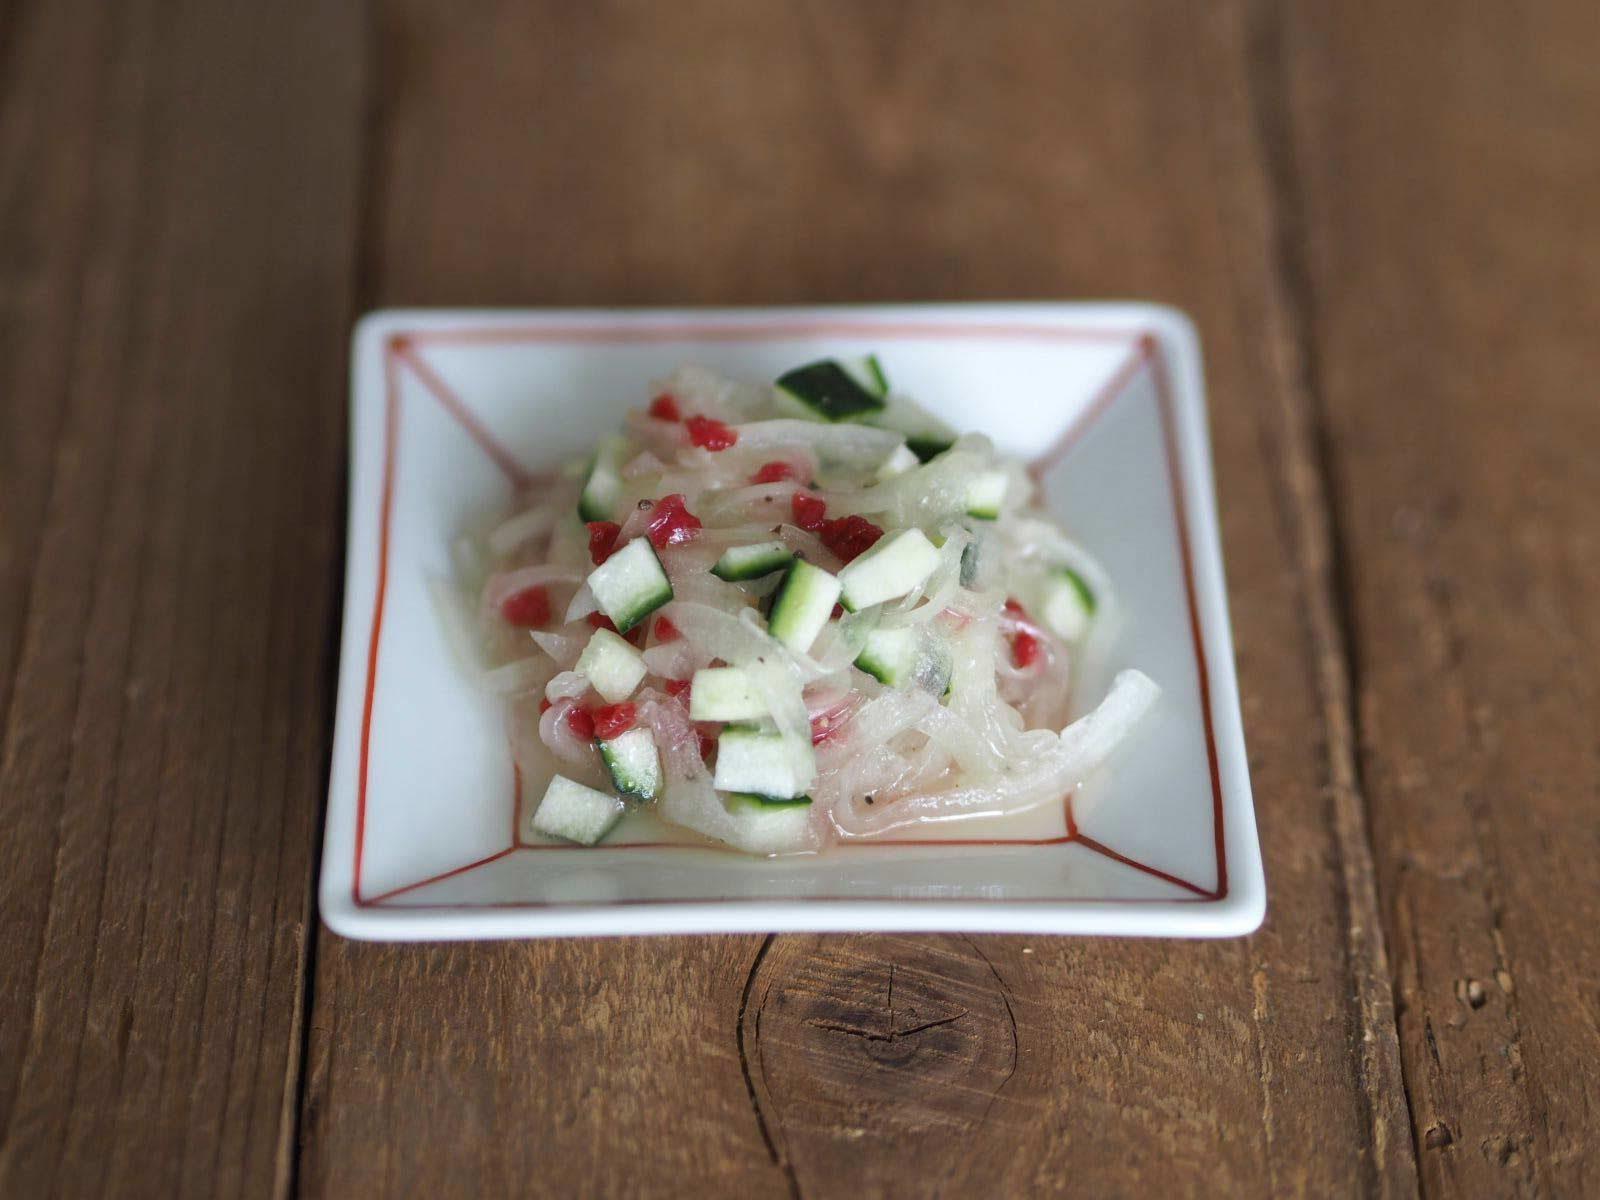 「玉ねぎのドレッシング漬け」+角切りのきゅうり+カリカリ梅